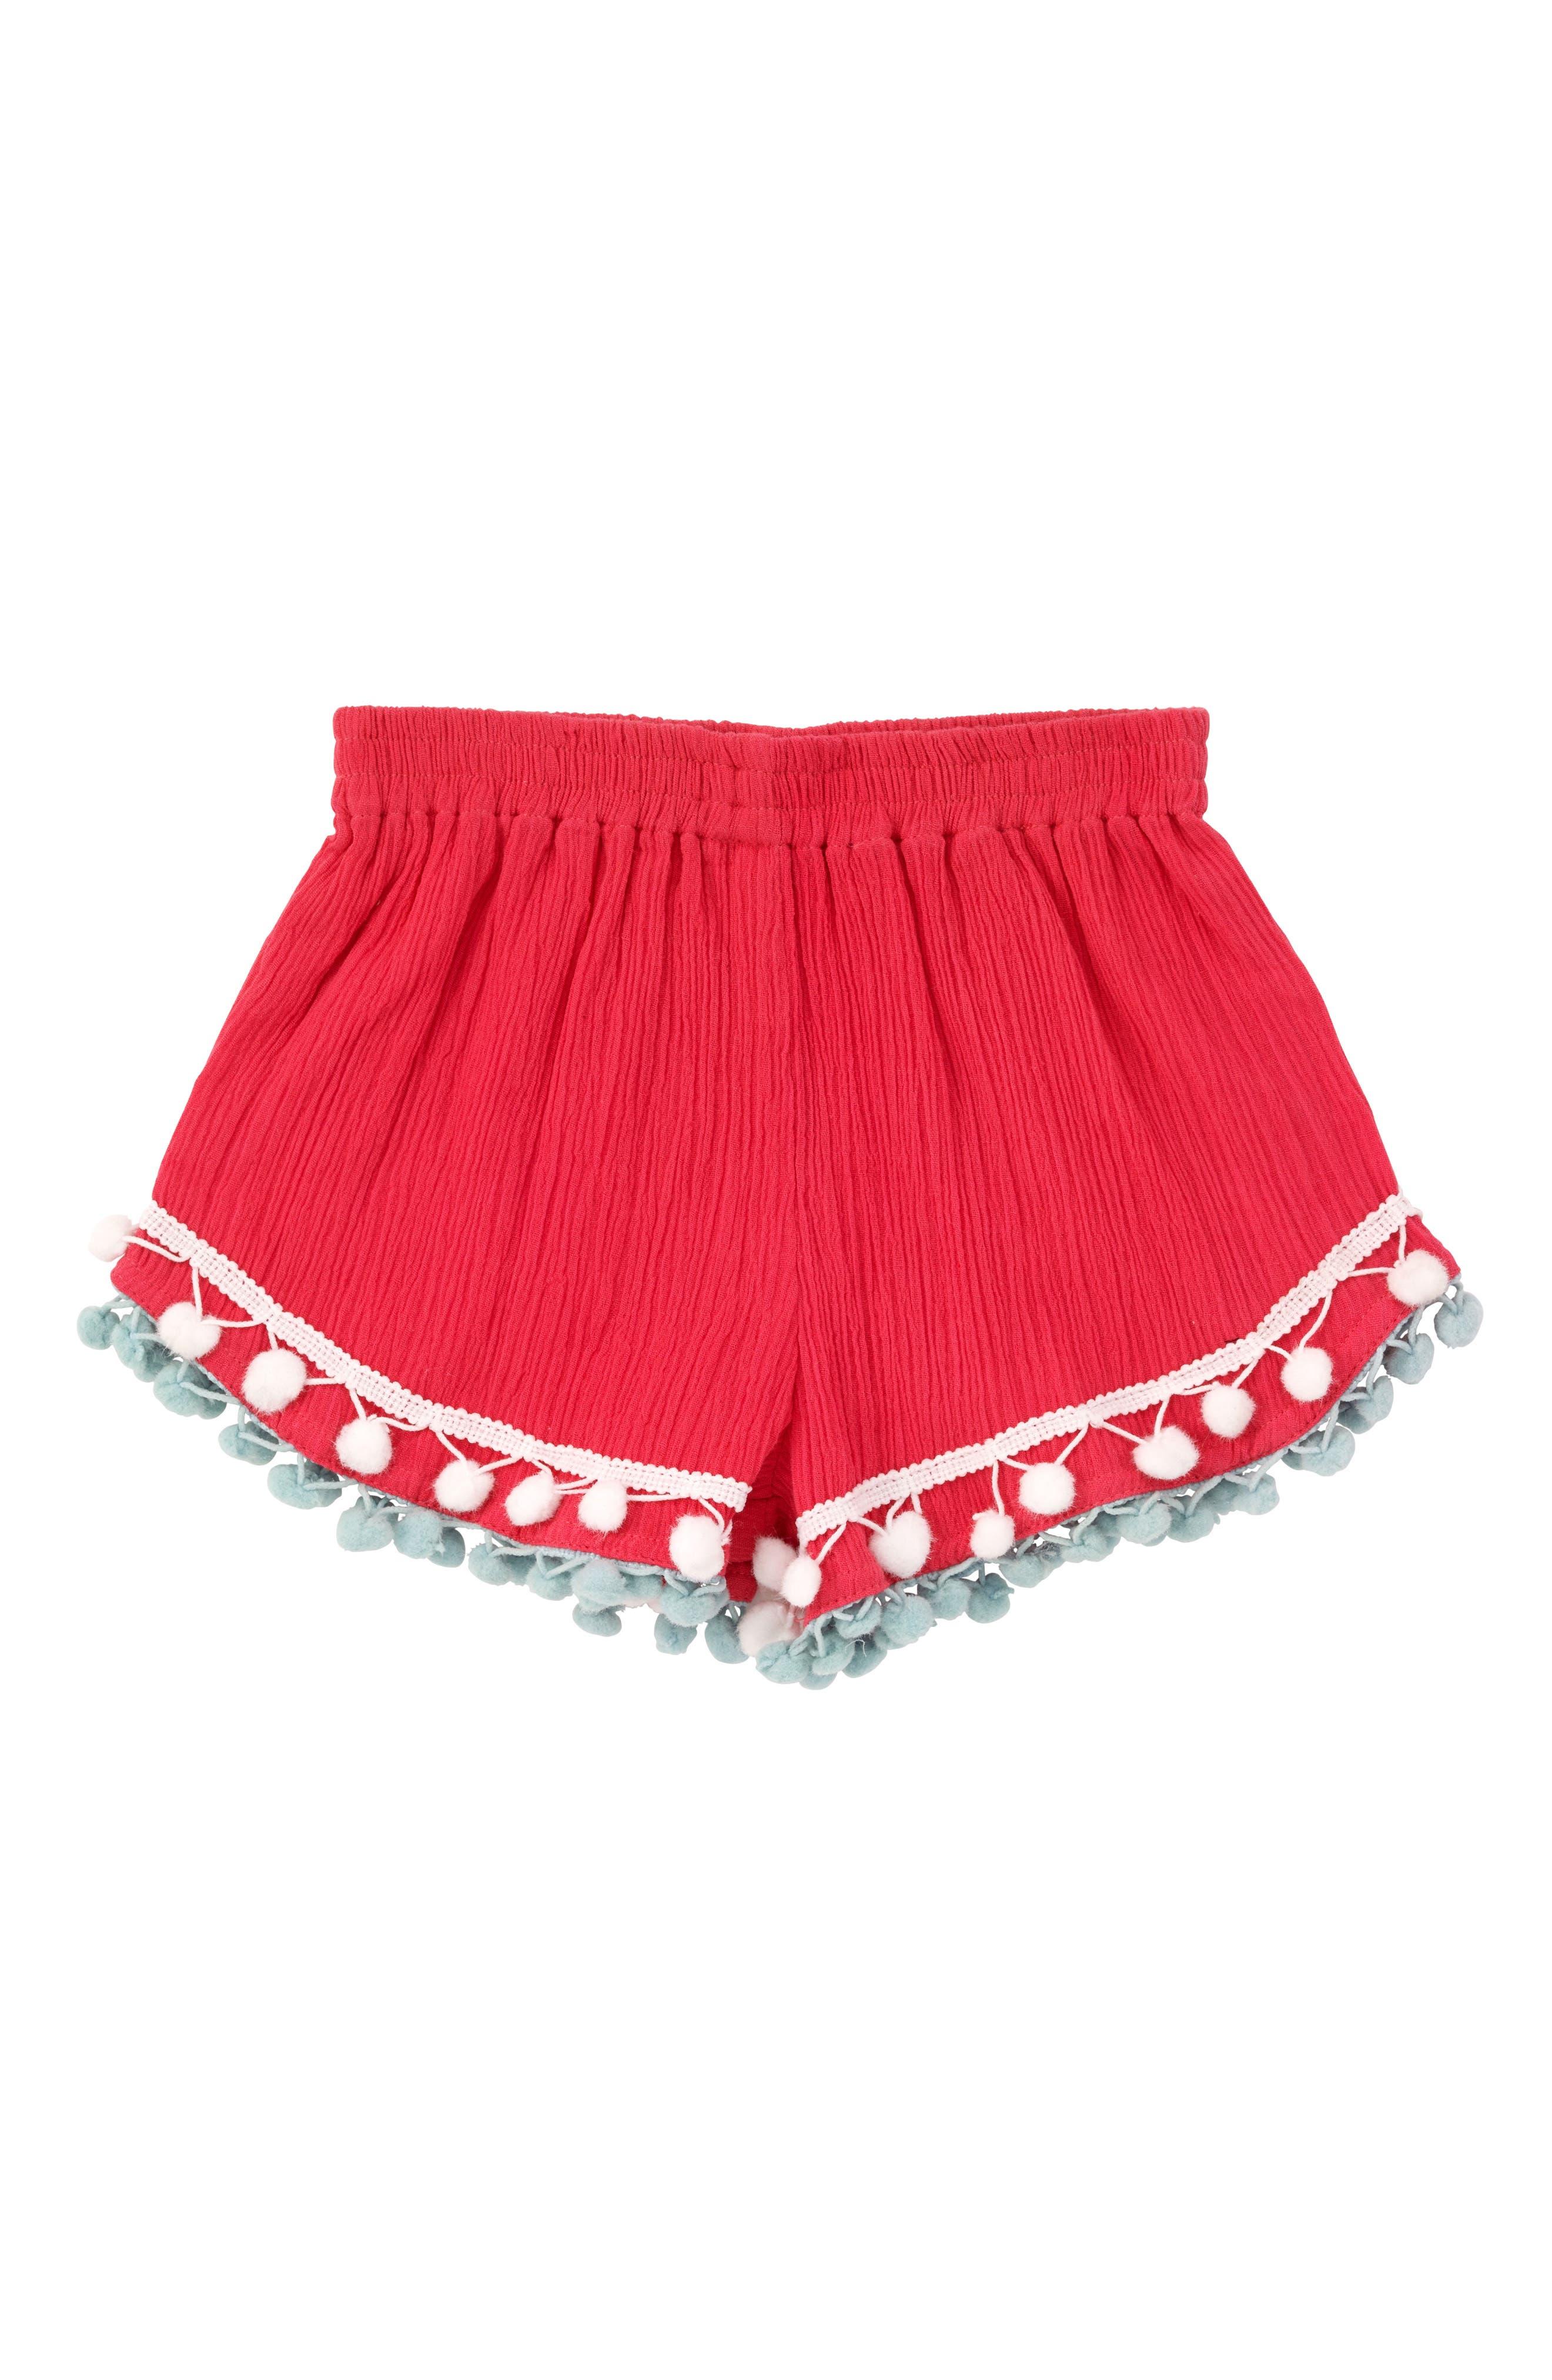 Pompom Shorts,                             Main thumbnail 1, color,                             600